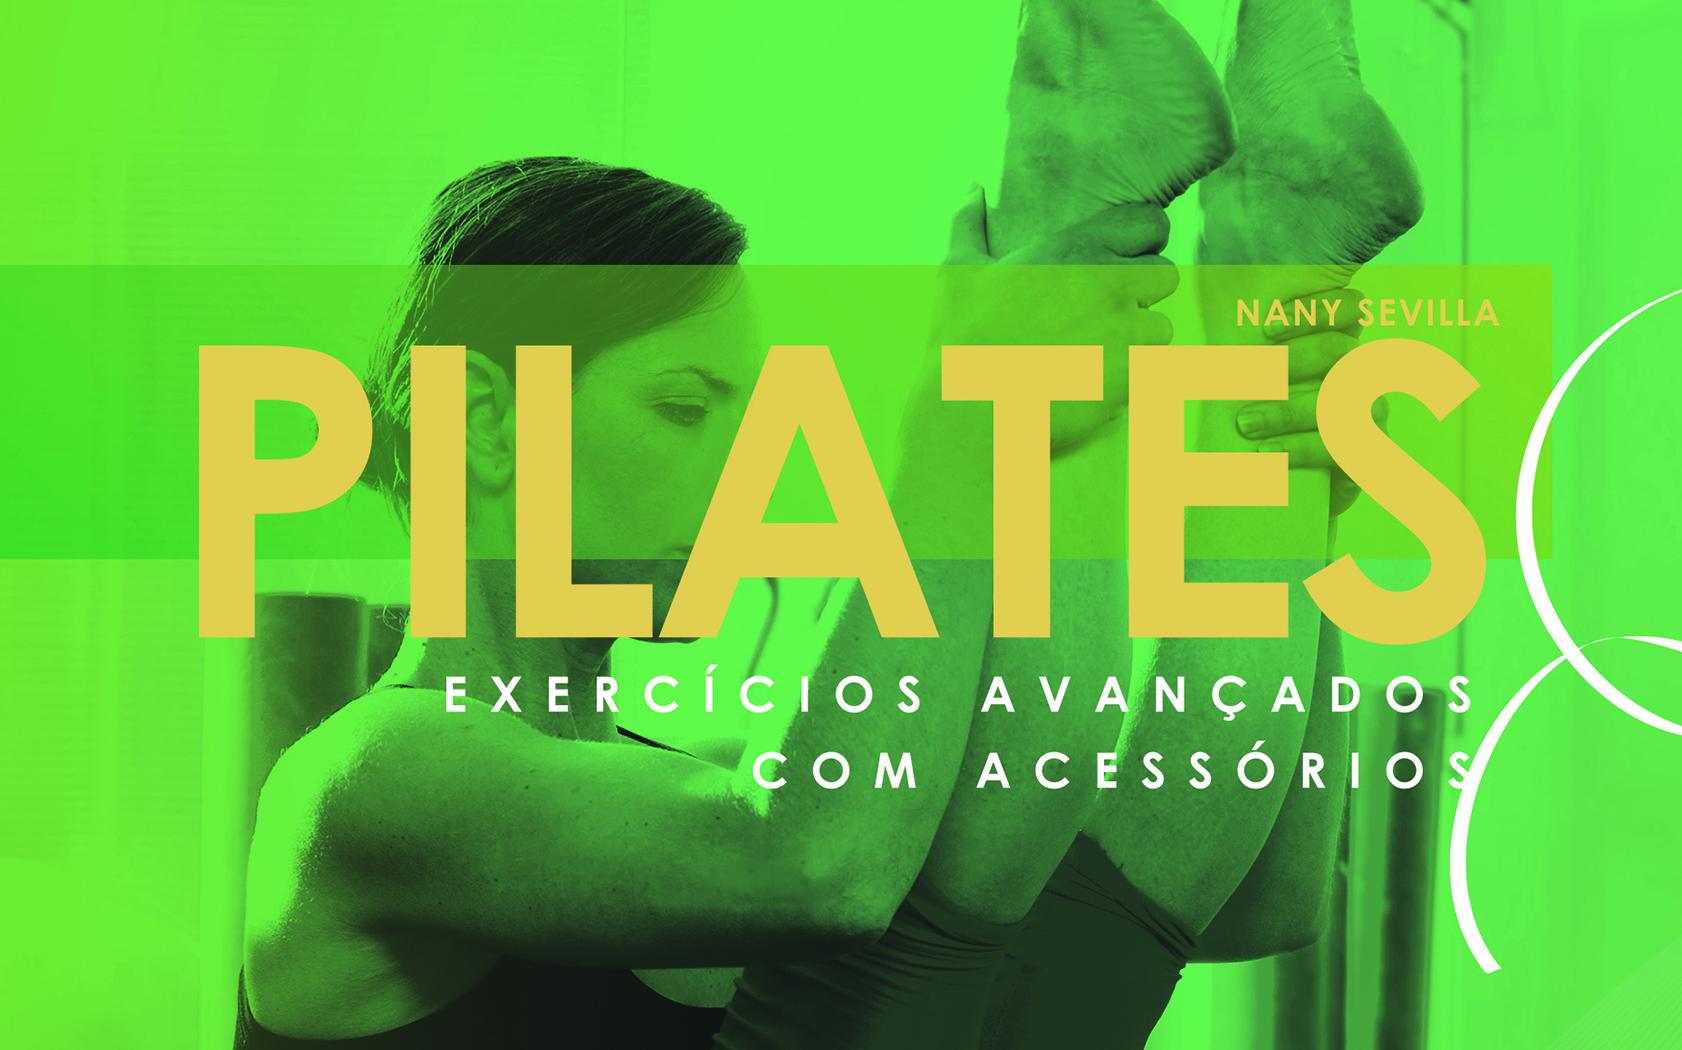 Exercícios Avançados com Acessórios: Conheça o 5º Livro da Coletânea Pilates